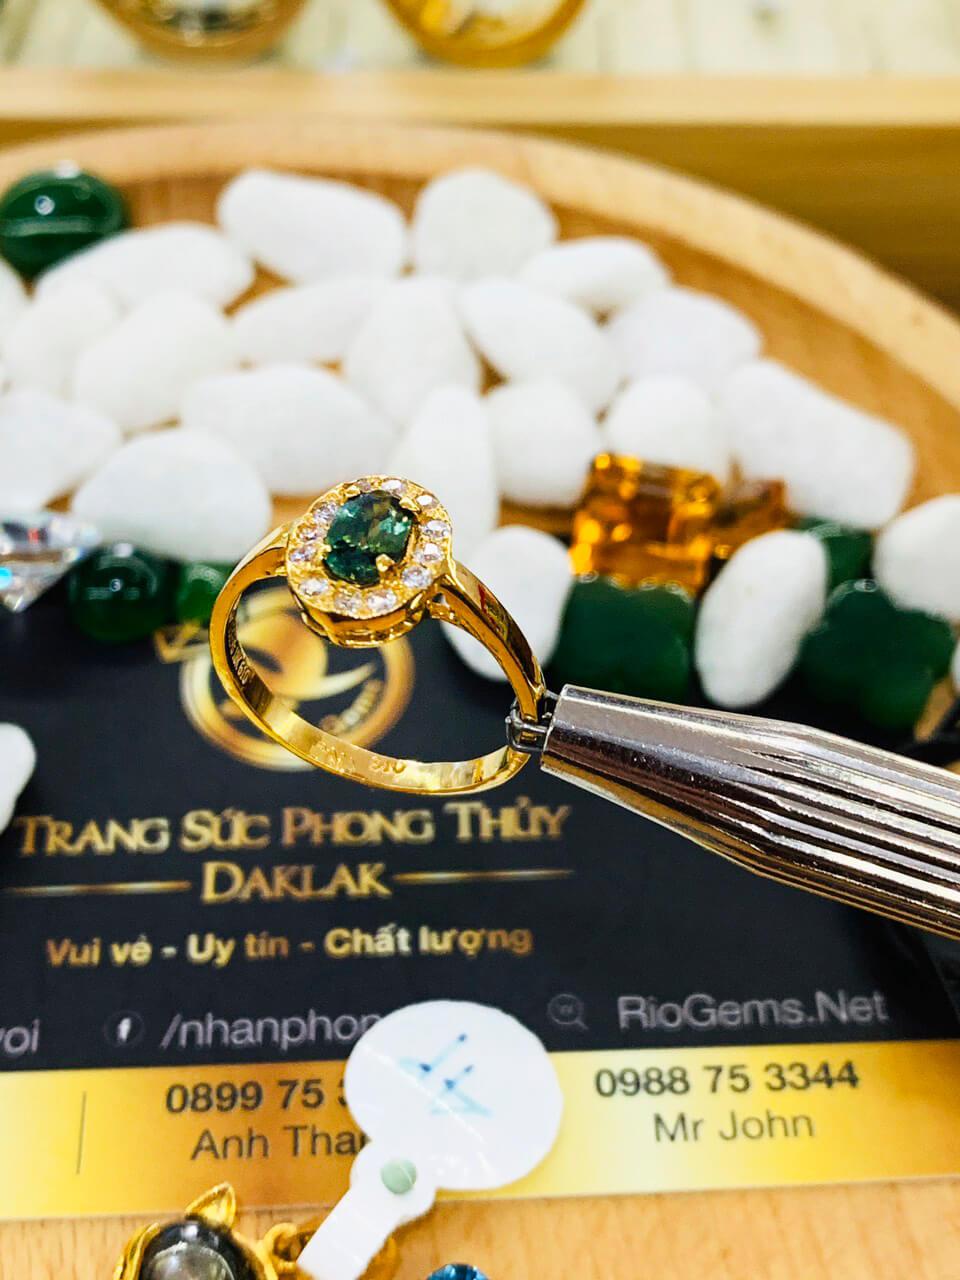 Nhẫn nữ vàng 18K đính Sapphire xanh chuối Phan Thiết cho người làm ăn